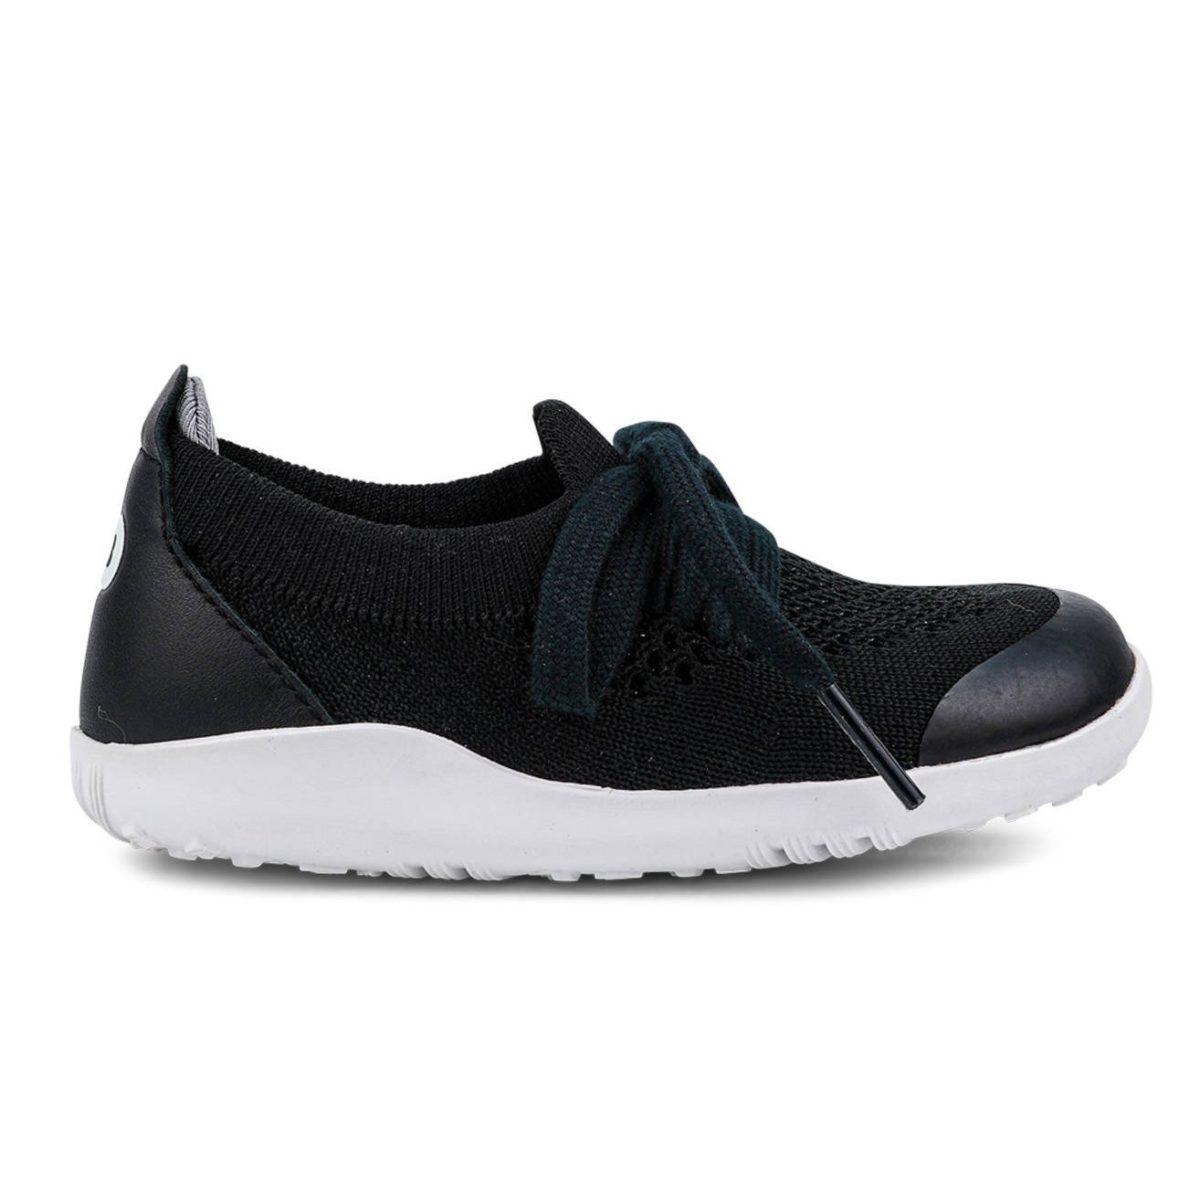 BOBUX I Walk Play Knit Black + Charcoal buty dziecięce 23-26